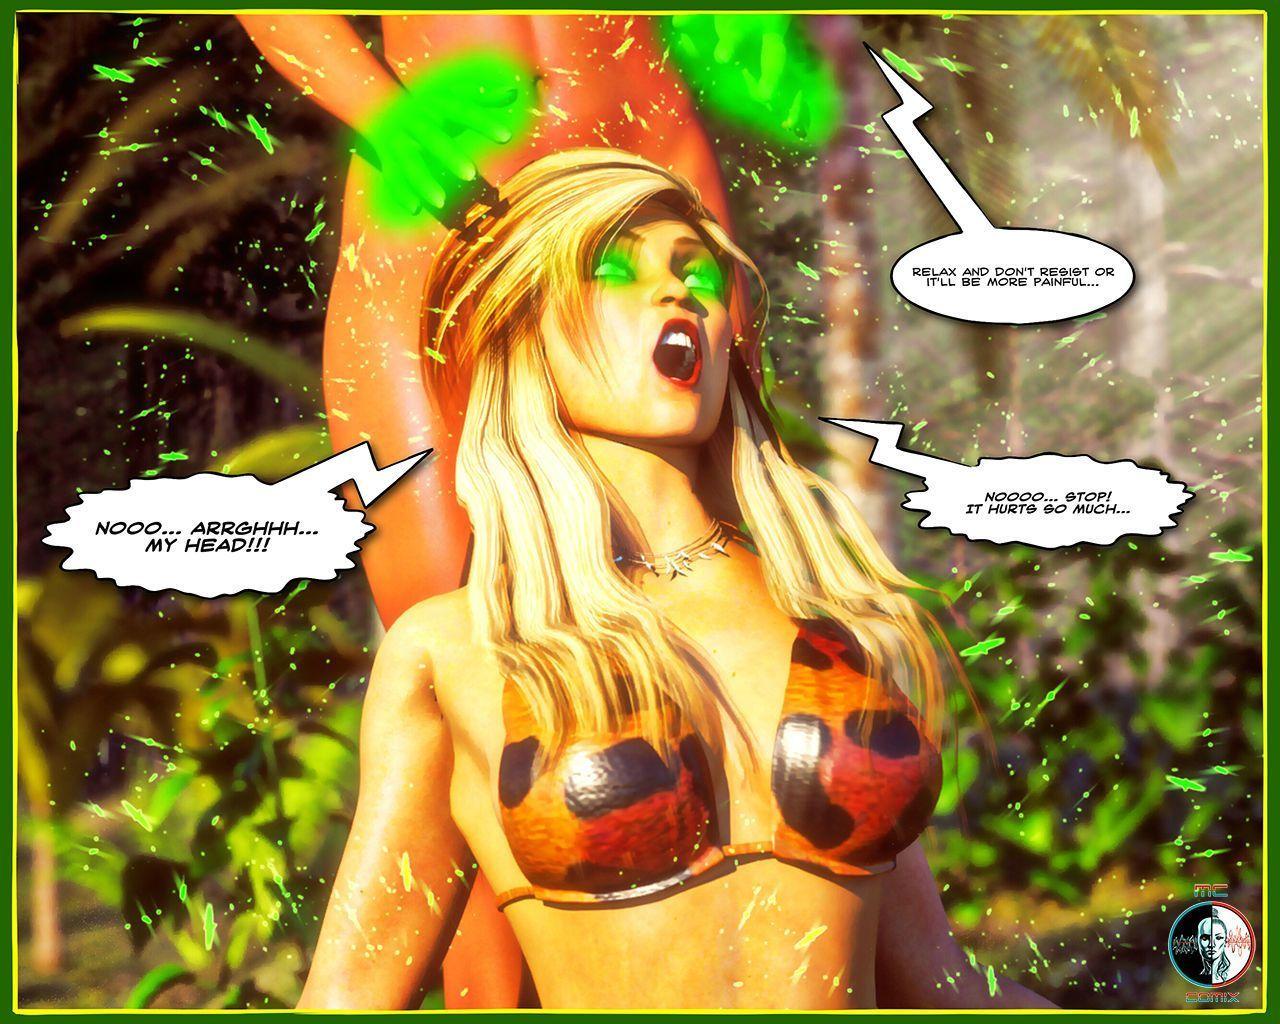 [Mitru] Leena - Queen of The Jungle #3